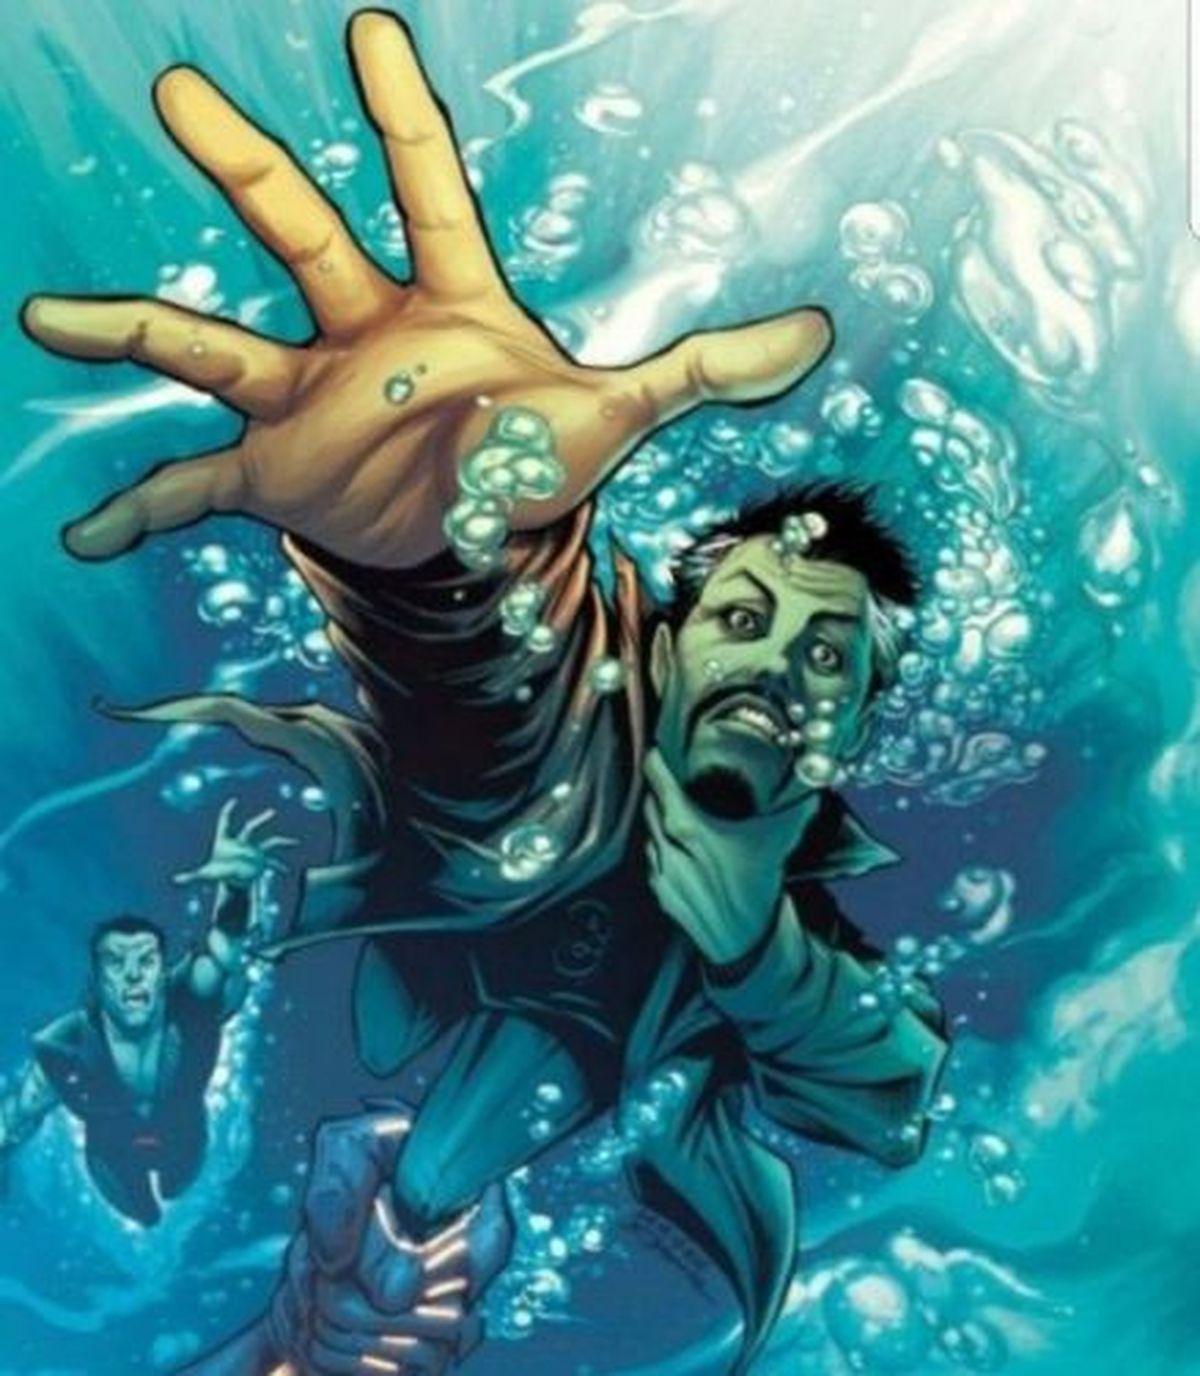 Dans Doctor Strange 2, il semblerait que Namor rejoigne le MCU. Mais rien n'est sûr puisque les droits du personnage sont encore en négociation.